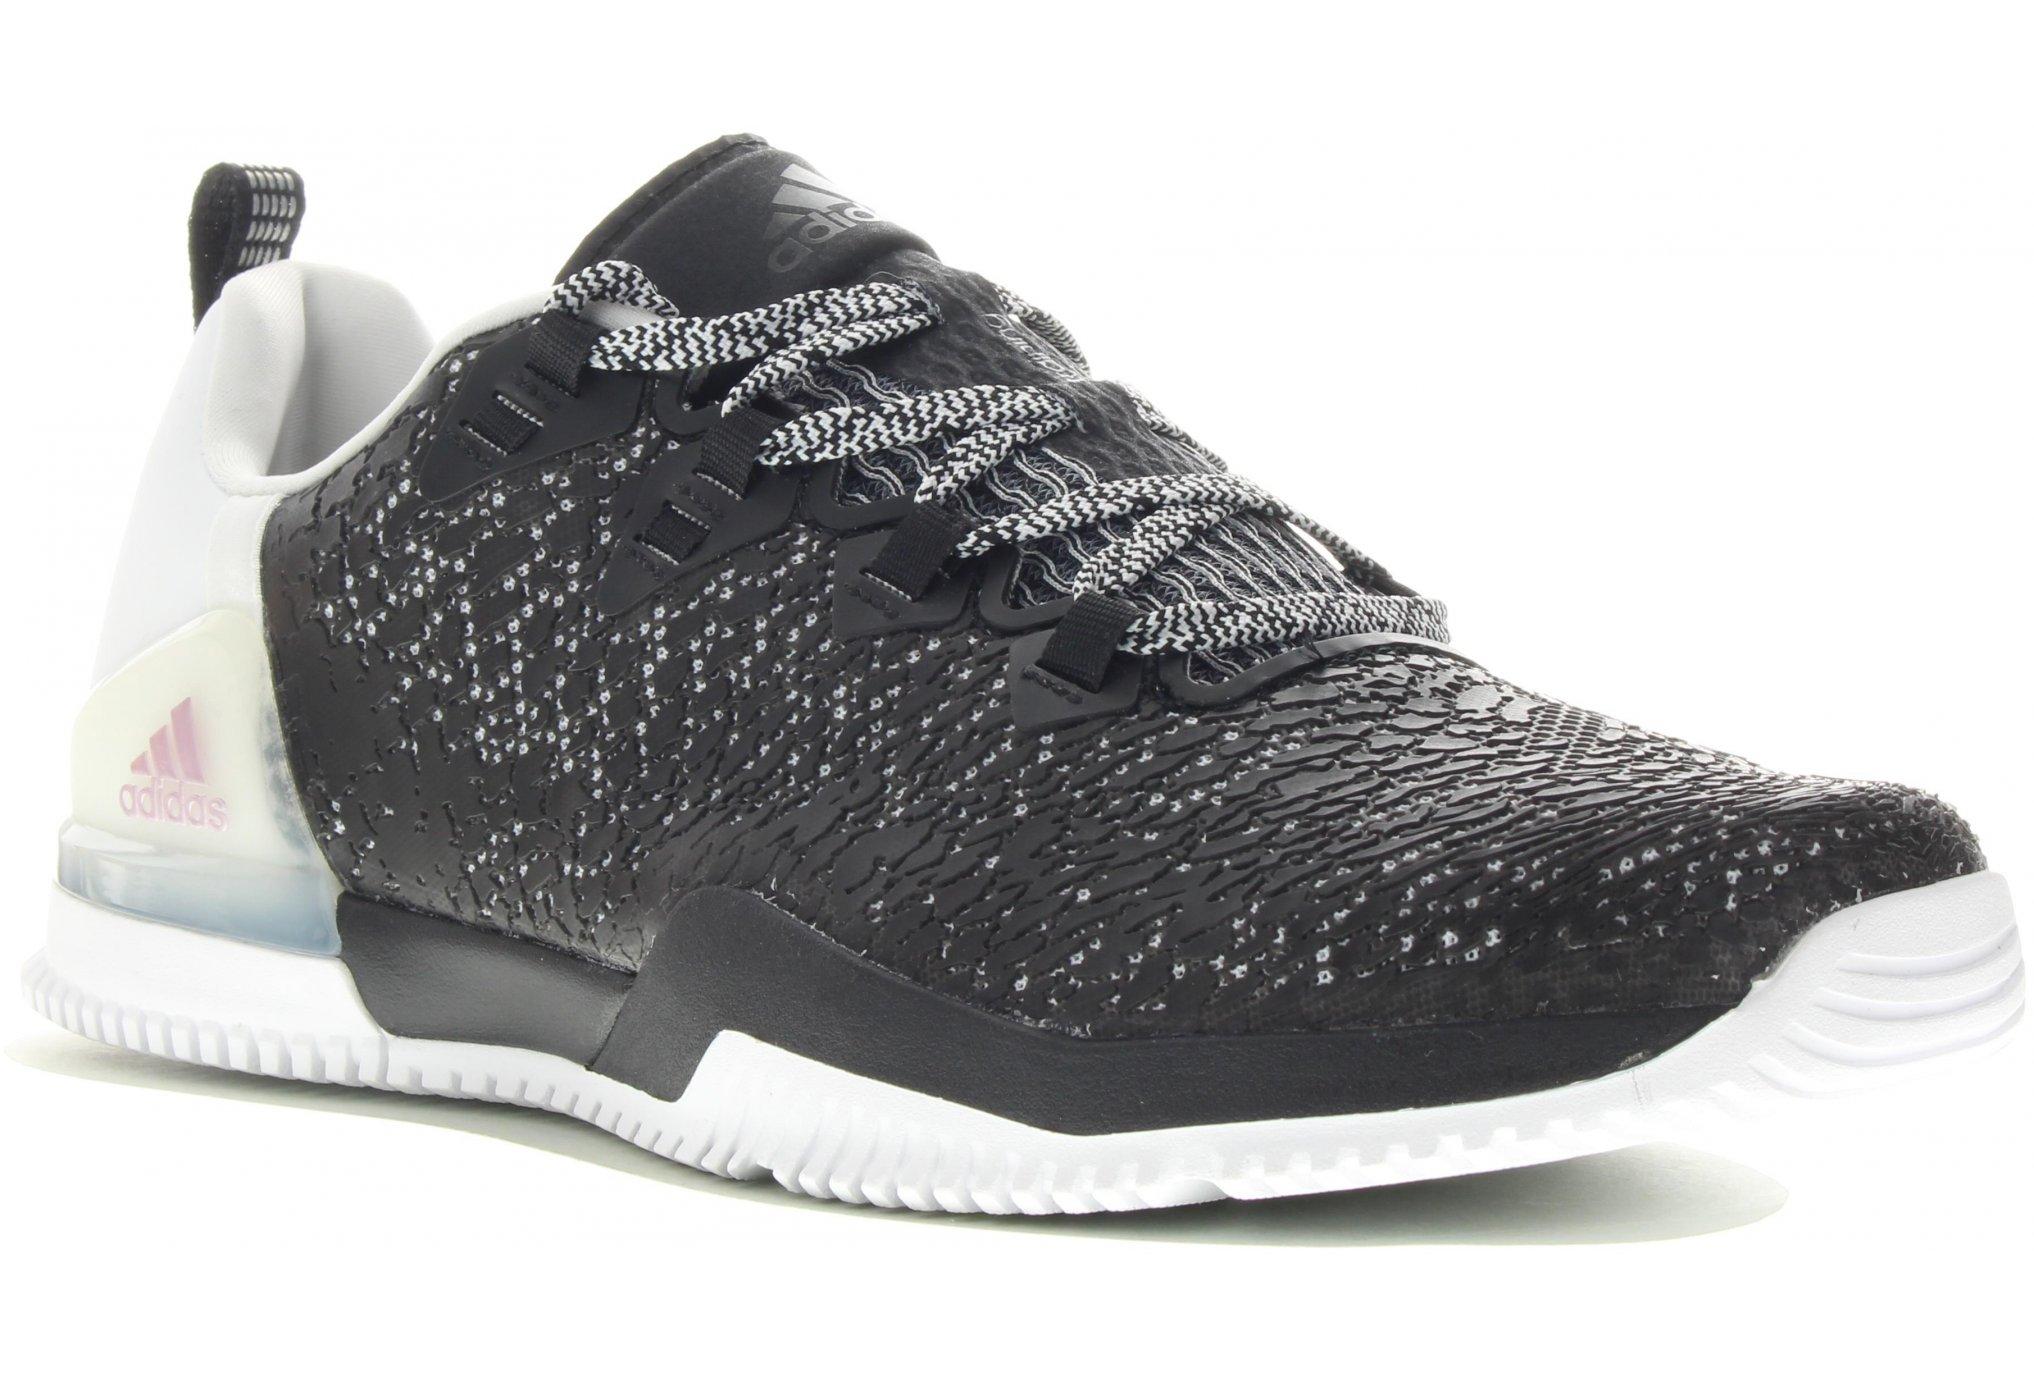 Adidas Crazypower trainer w diététique chaussures femme